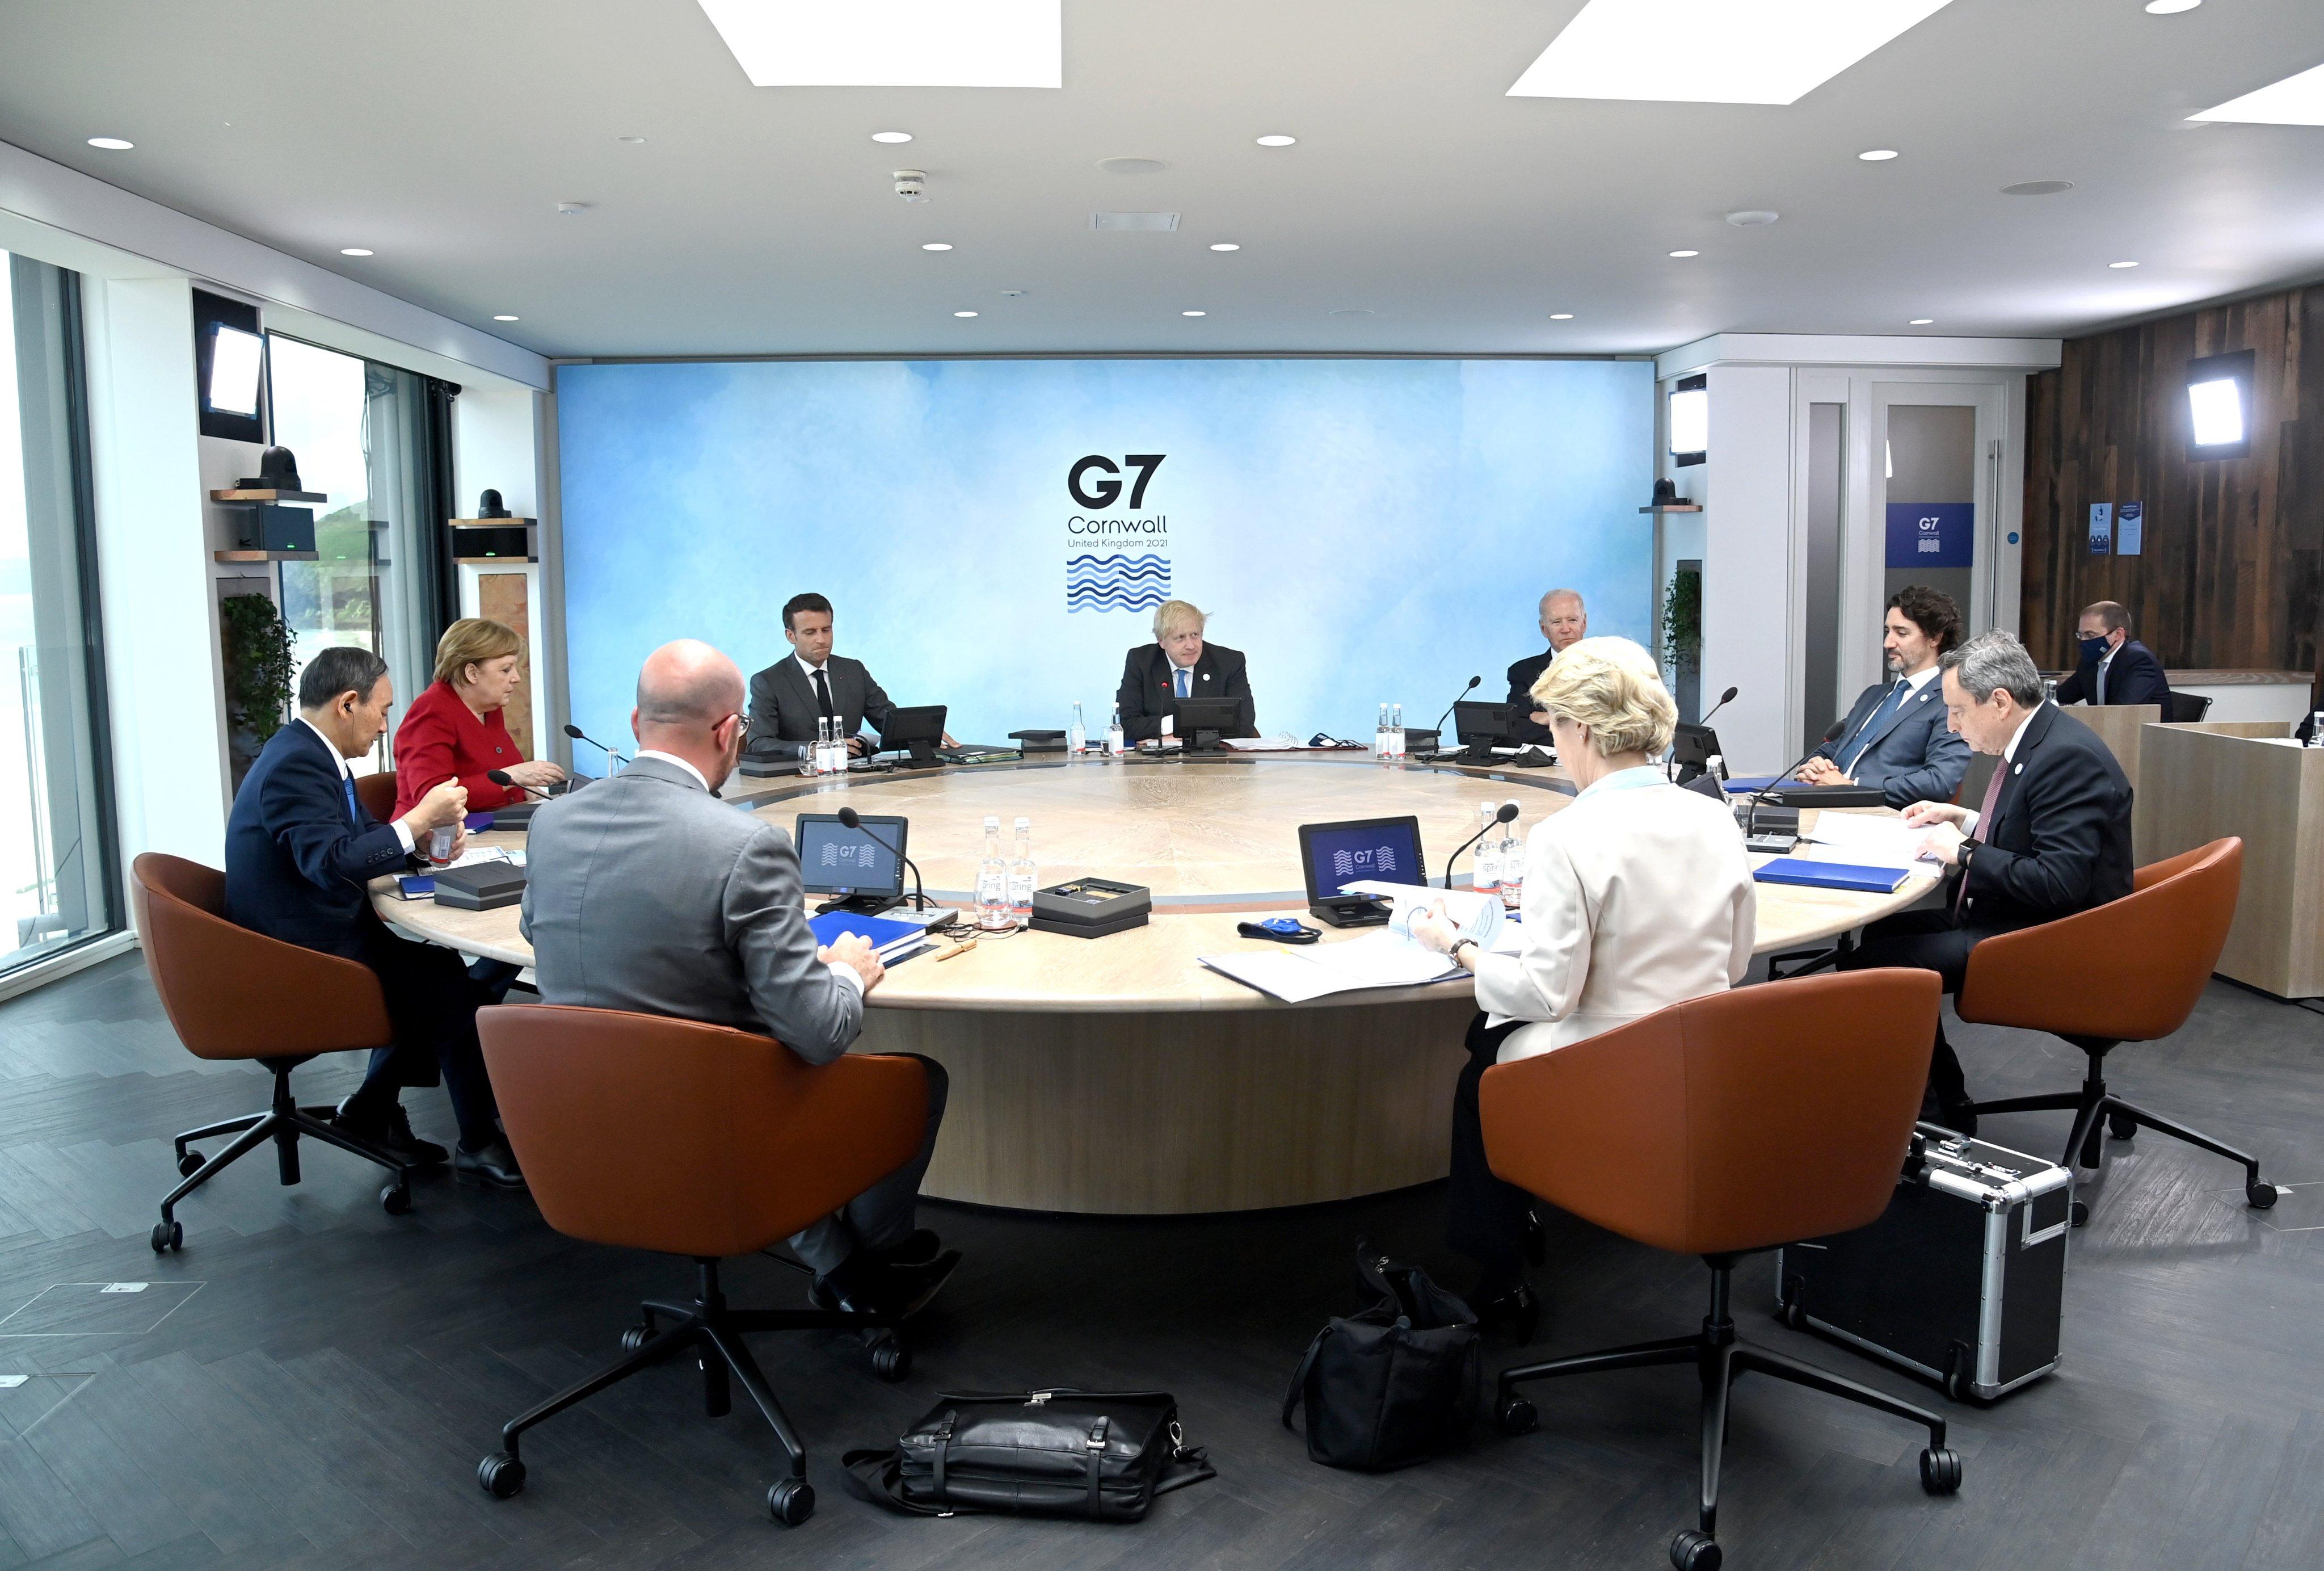 【張登及觀點】G7「康沃爾共識」將因美中寒戰黯然失色